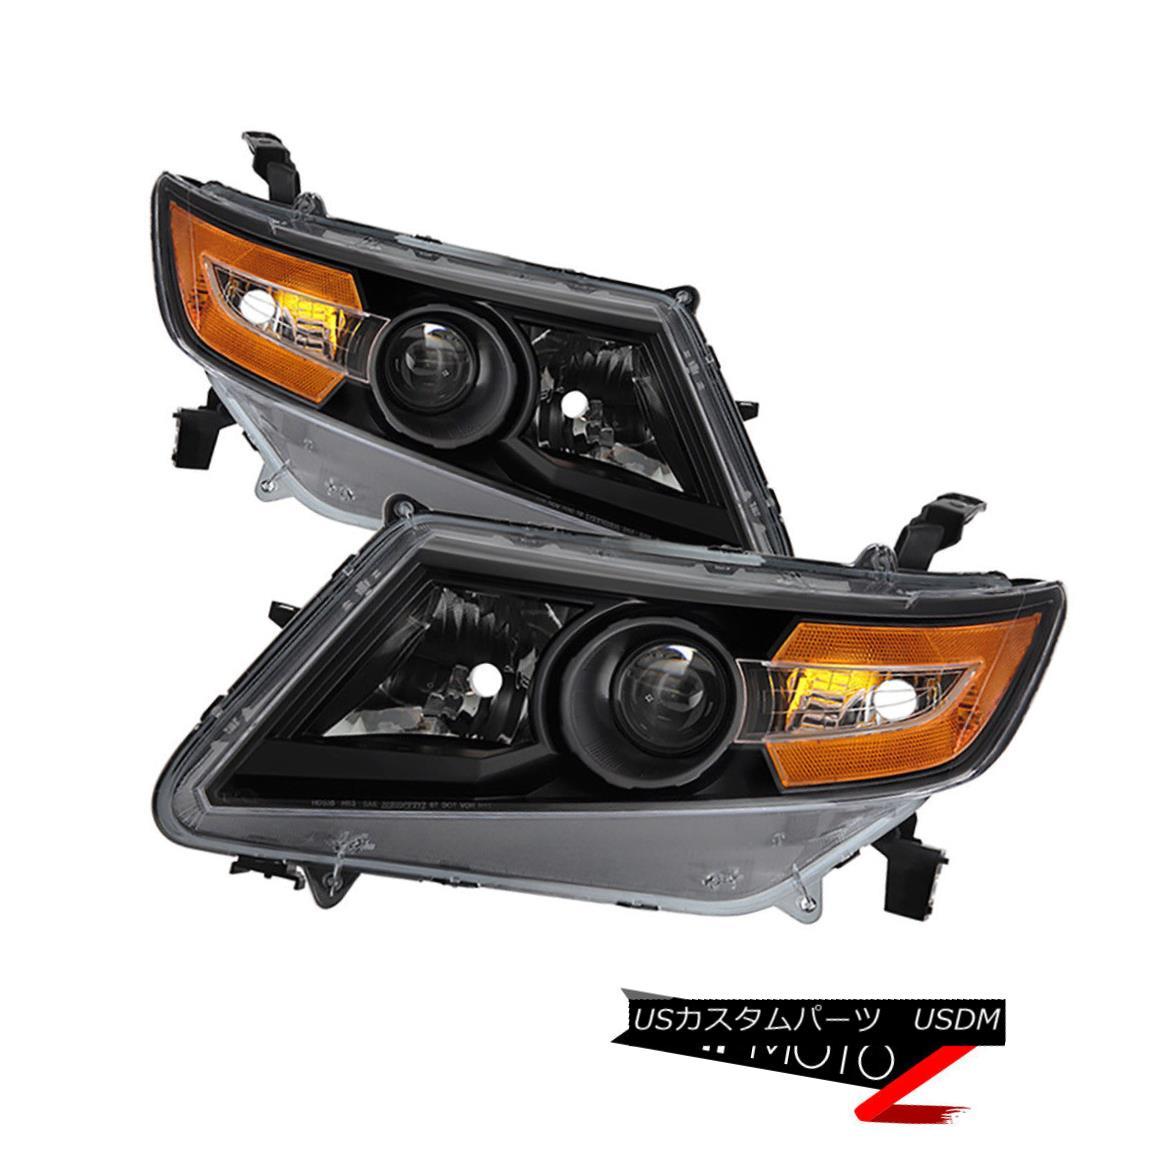 ヘッドライト [New Factory Style] 2011-2017 Honda Odyssey Black Headlights Replacement Lamps [新工場スタイル] 2011-2017ホンダオデッセイブラックヘッドライト交換ランプ